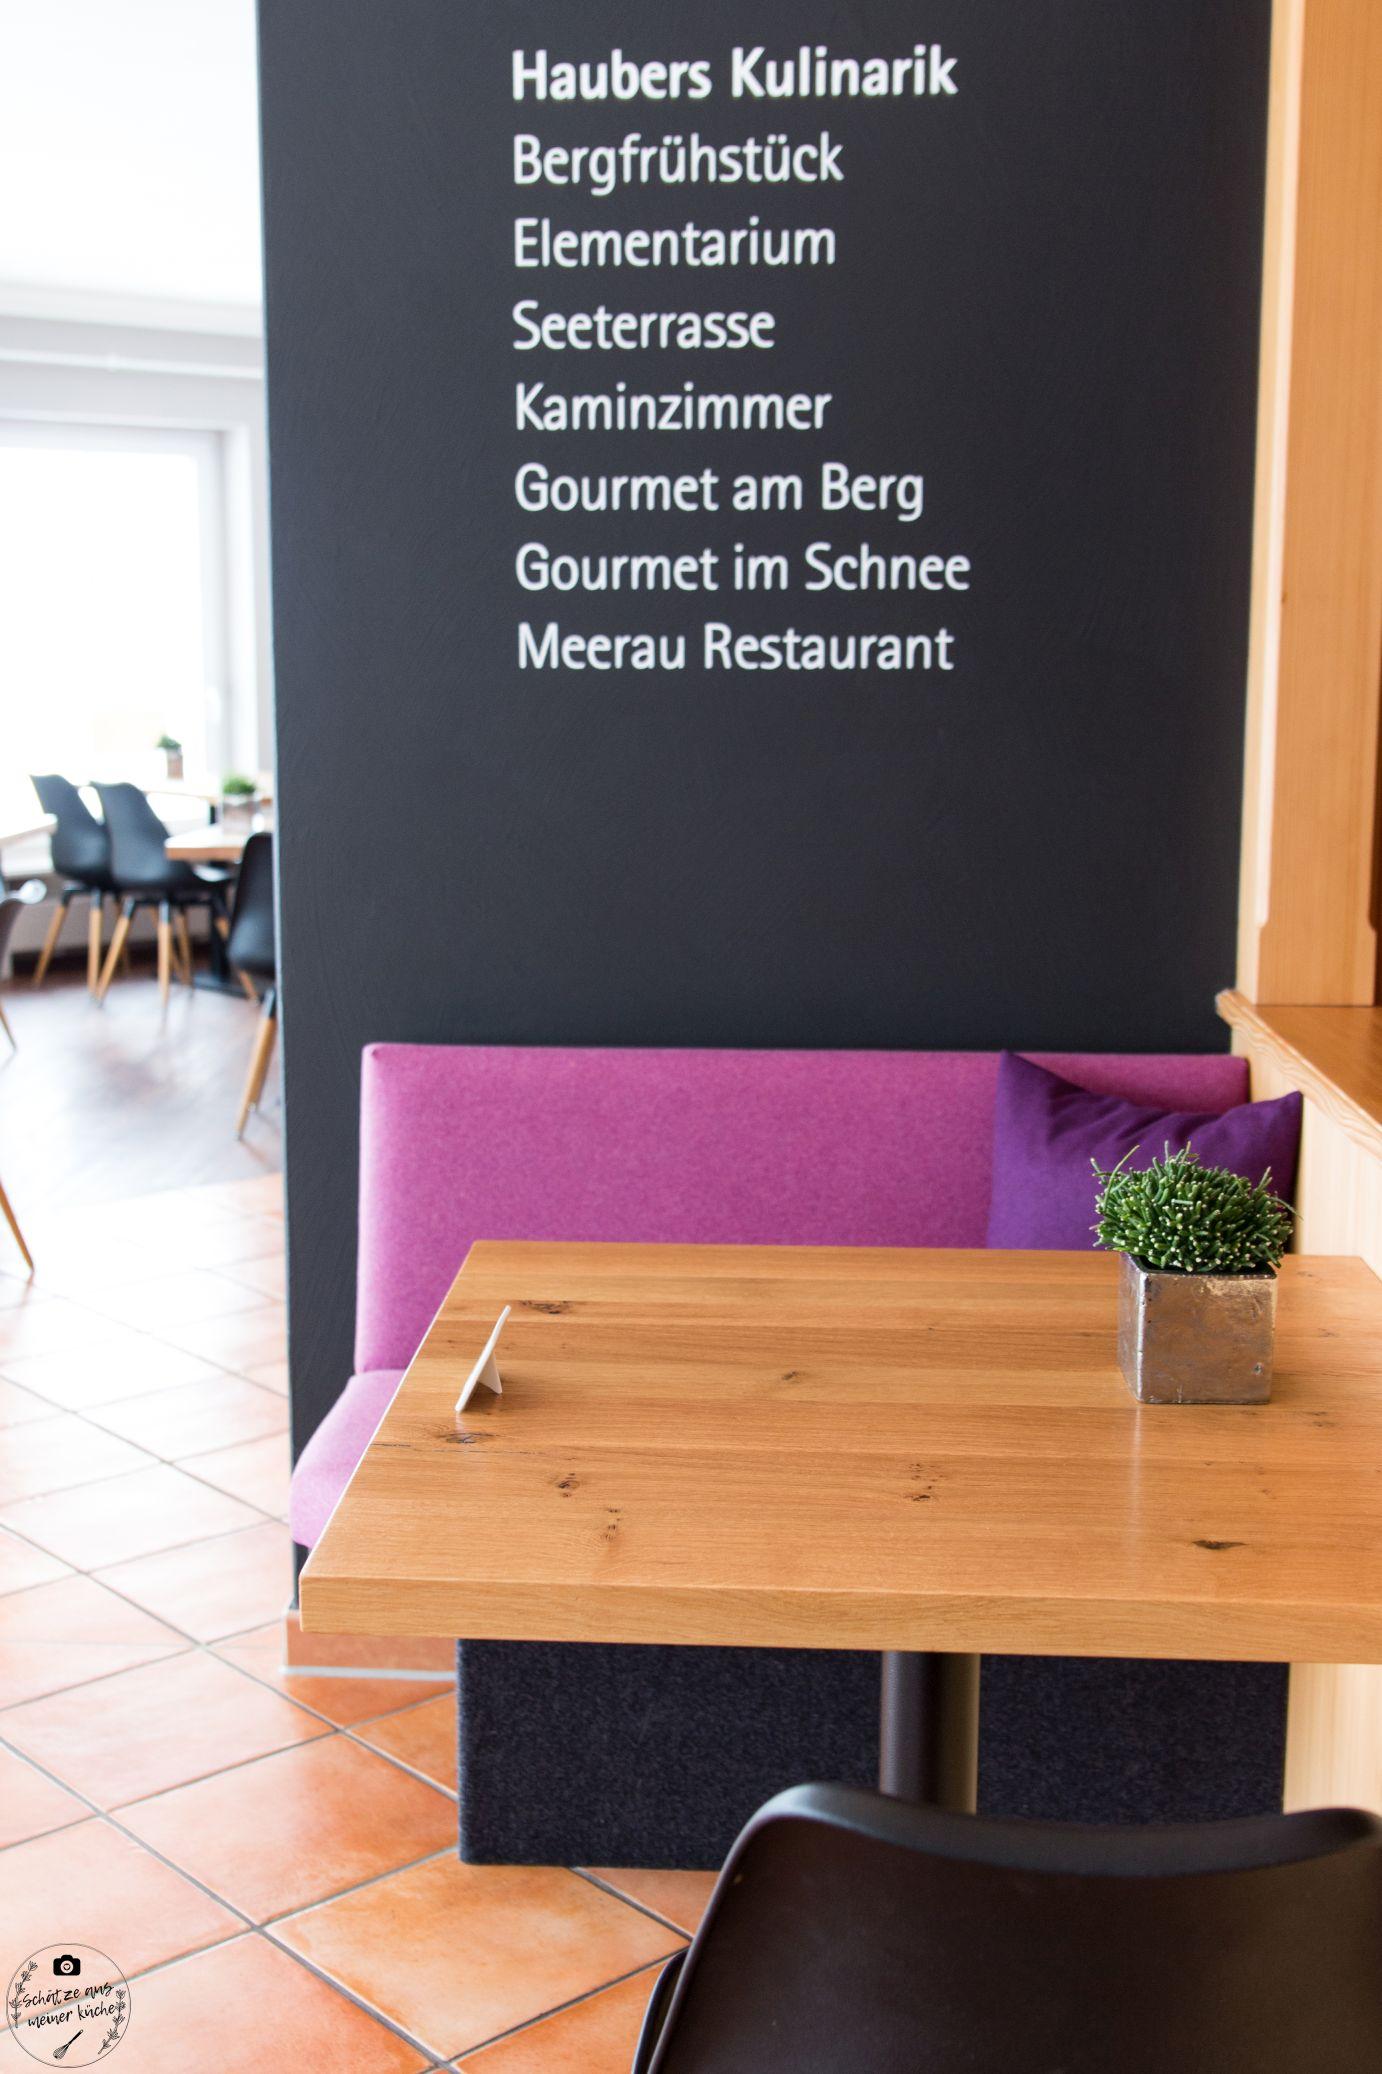 Kulinarik Haubers Naturresort